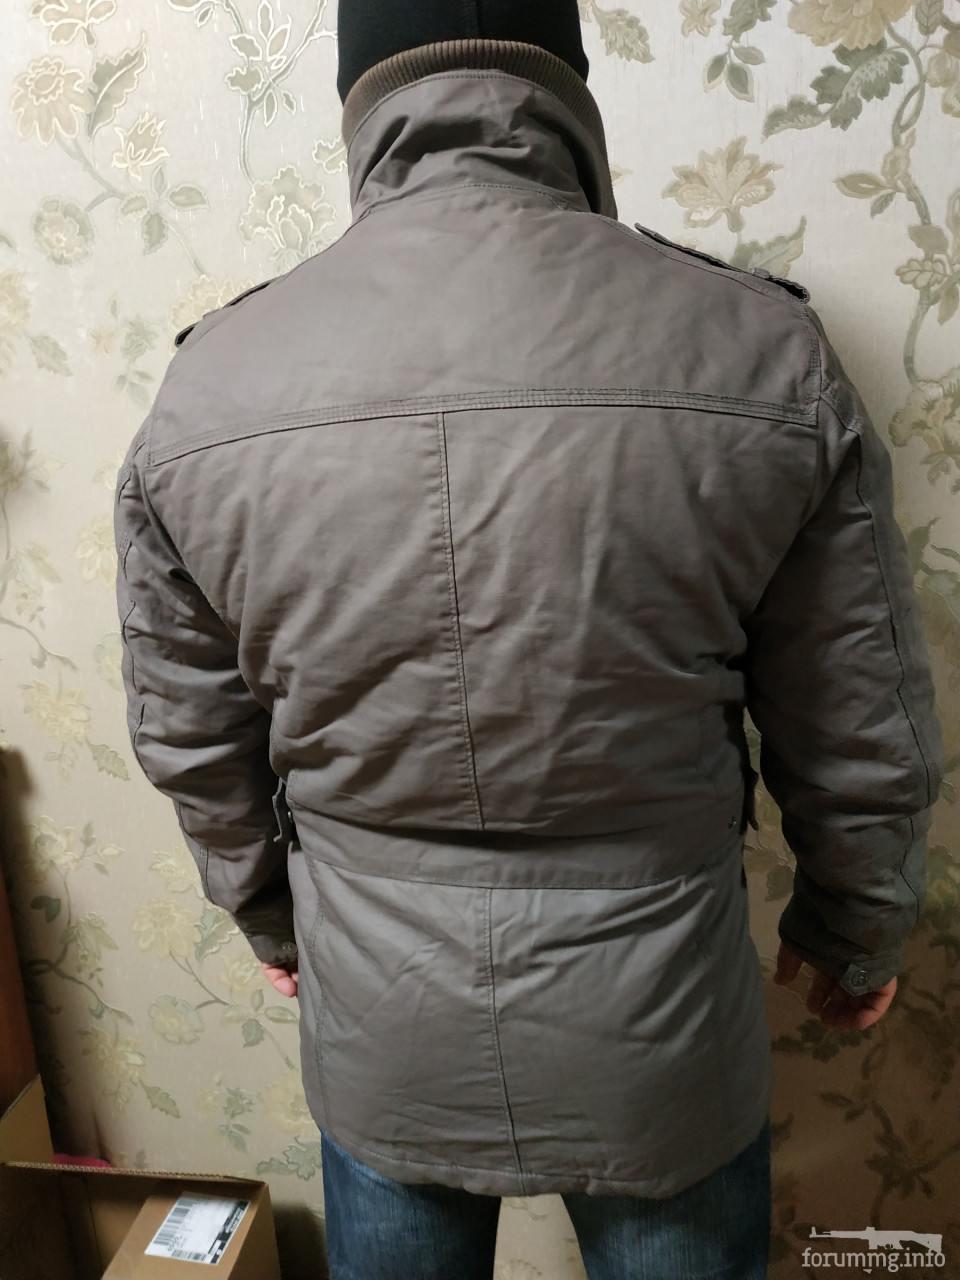 136433 - Тепла куртка в мілітарі стилі